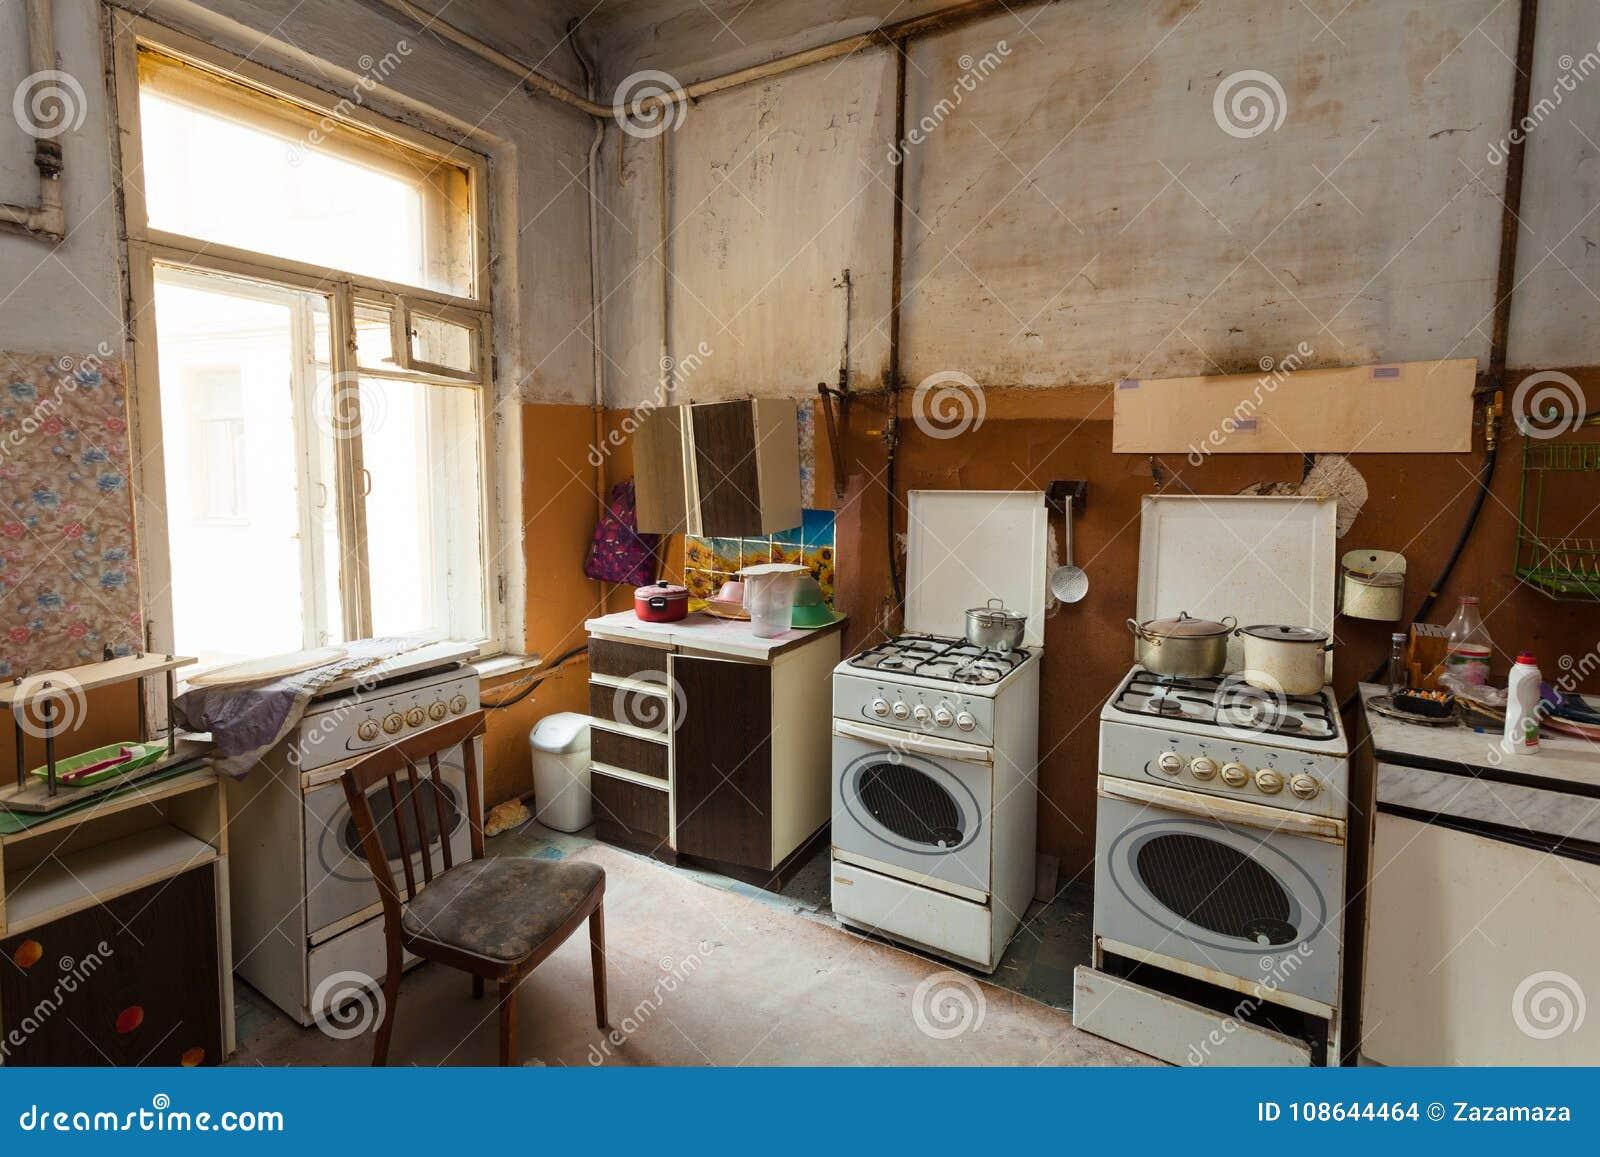 La Cucina Sporca Con Le Stufe Di Gas E Della Mobilia è Nell ...